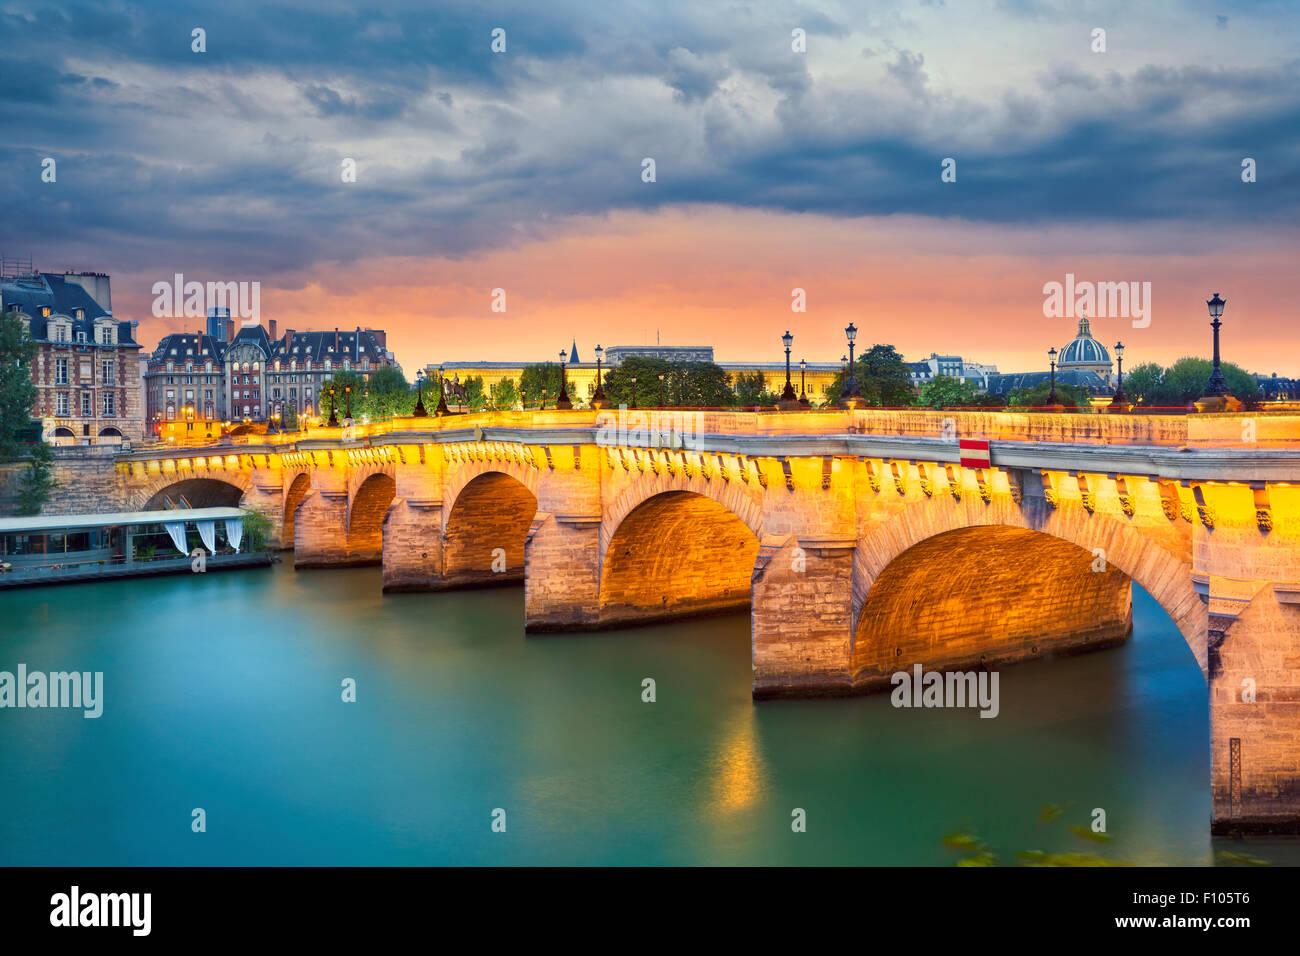 Parigi. Immagine del Pont Neuf, il più antico ponte che attraversa il fiume Senna a Parigi, Francia. Immagini Stock